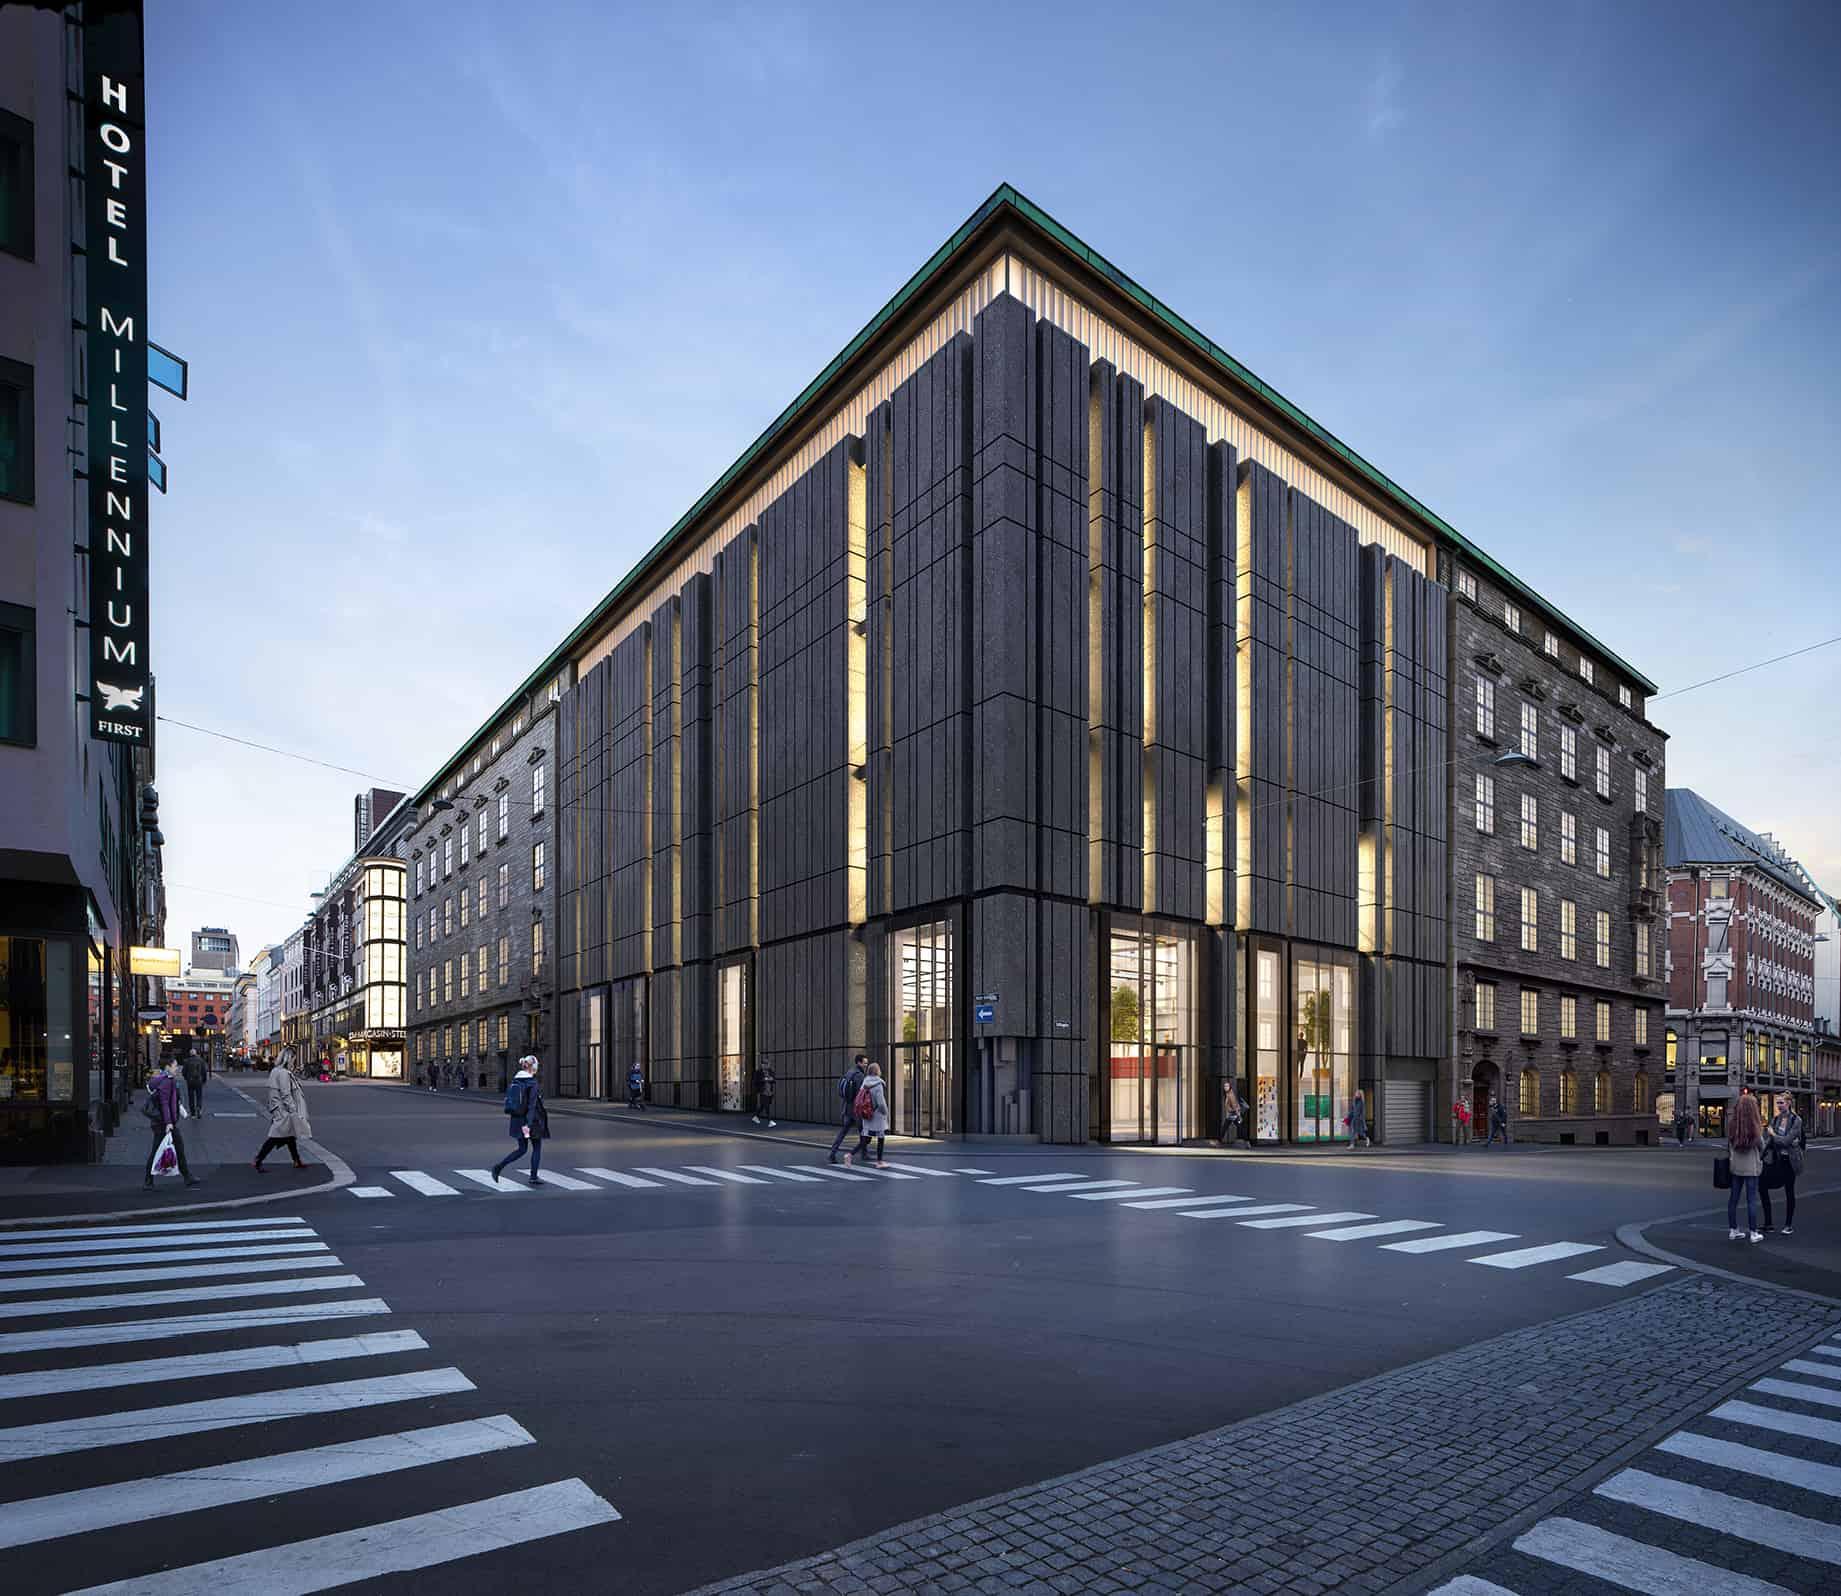 Telegrafen vil bli blant Norges flotteste kontorlokaler når bygget står ferdig i 2020